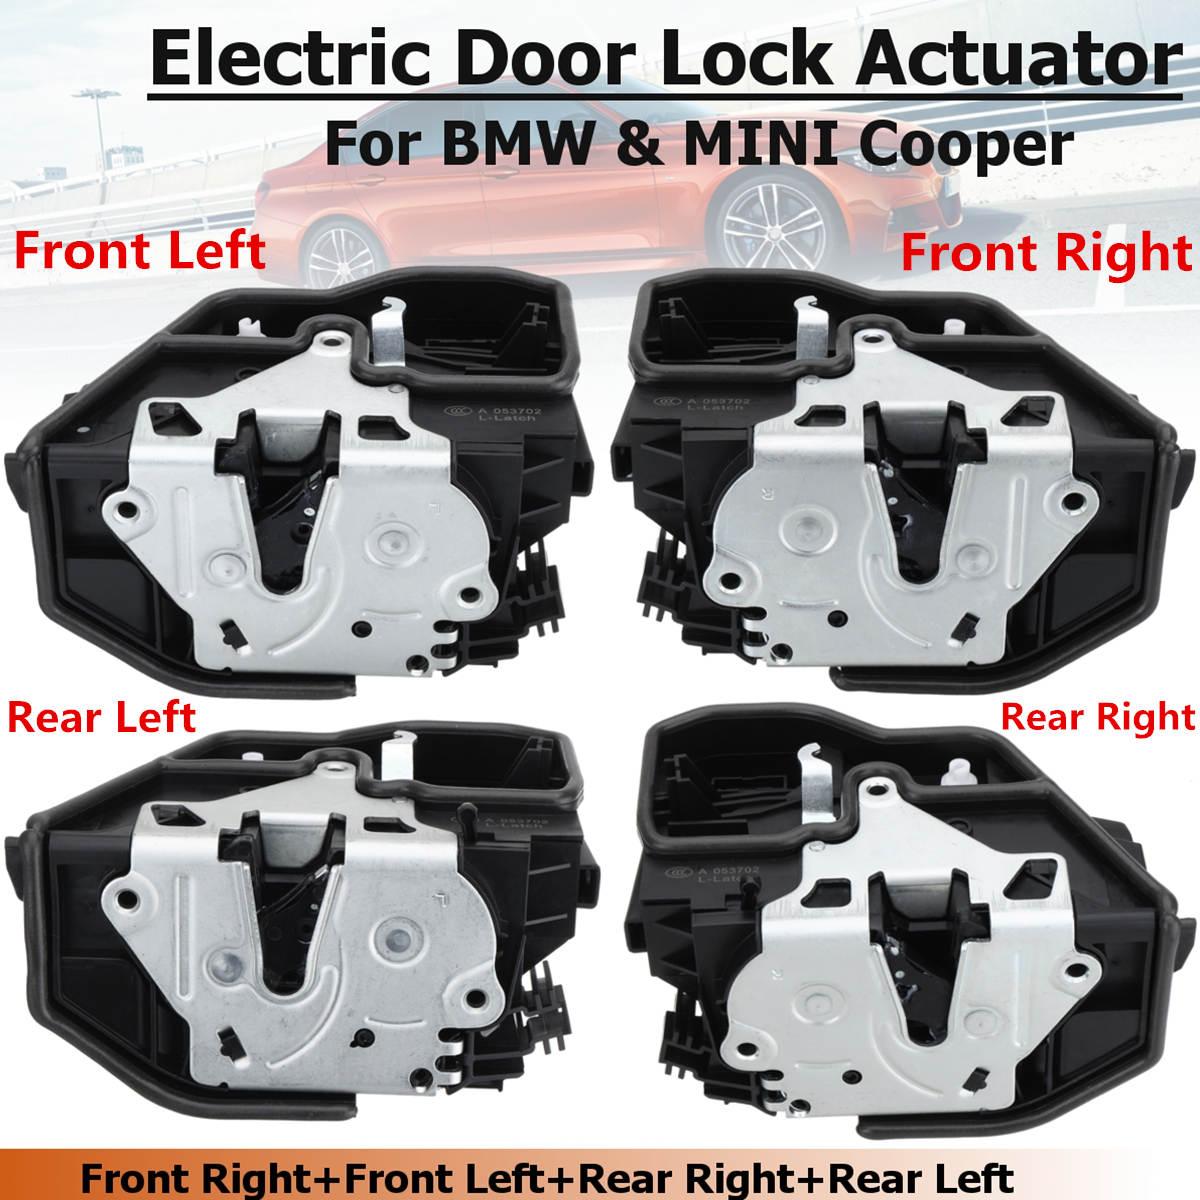 Мощность Электрический дверной замок защелки привод для BMW X6 E60 E70 E90 OEM 51217202143 51217202146 51227202147 51227202148